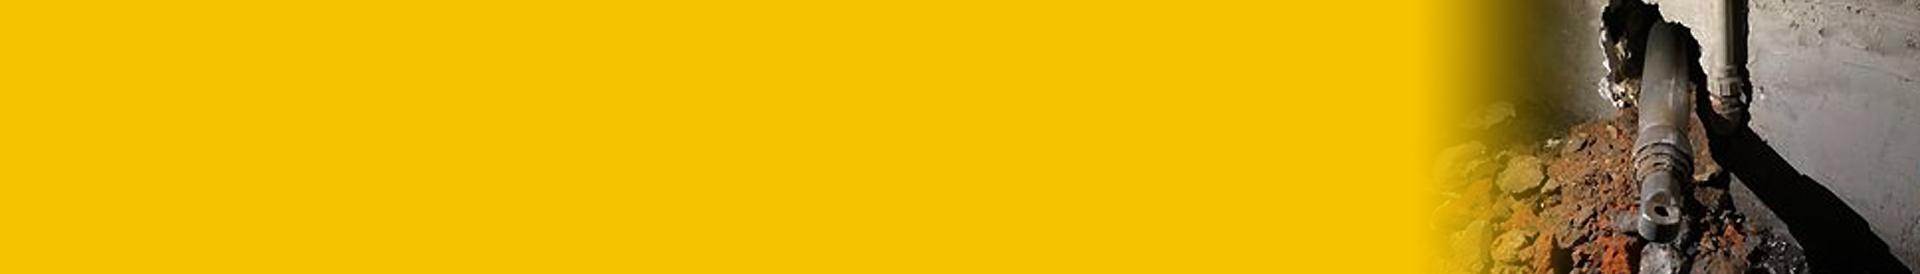 baner - podnośnik pneumatyczny